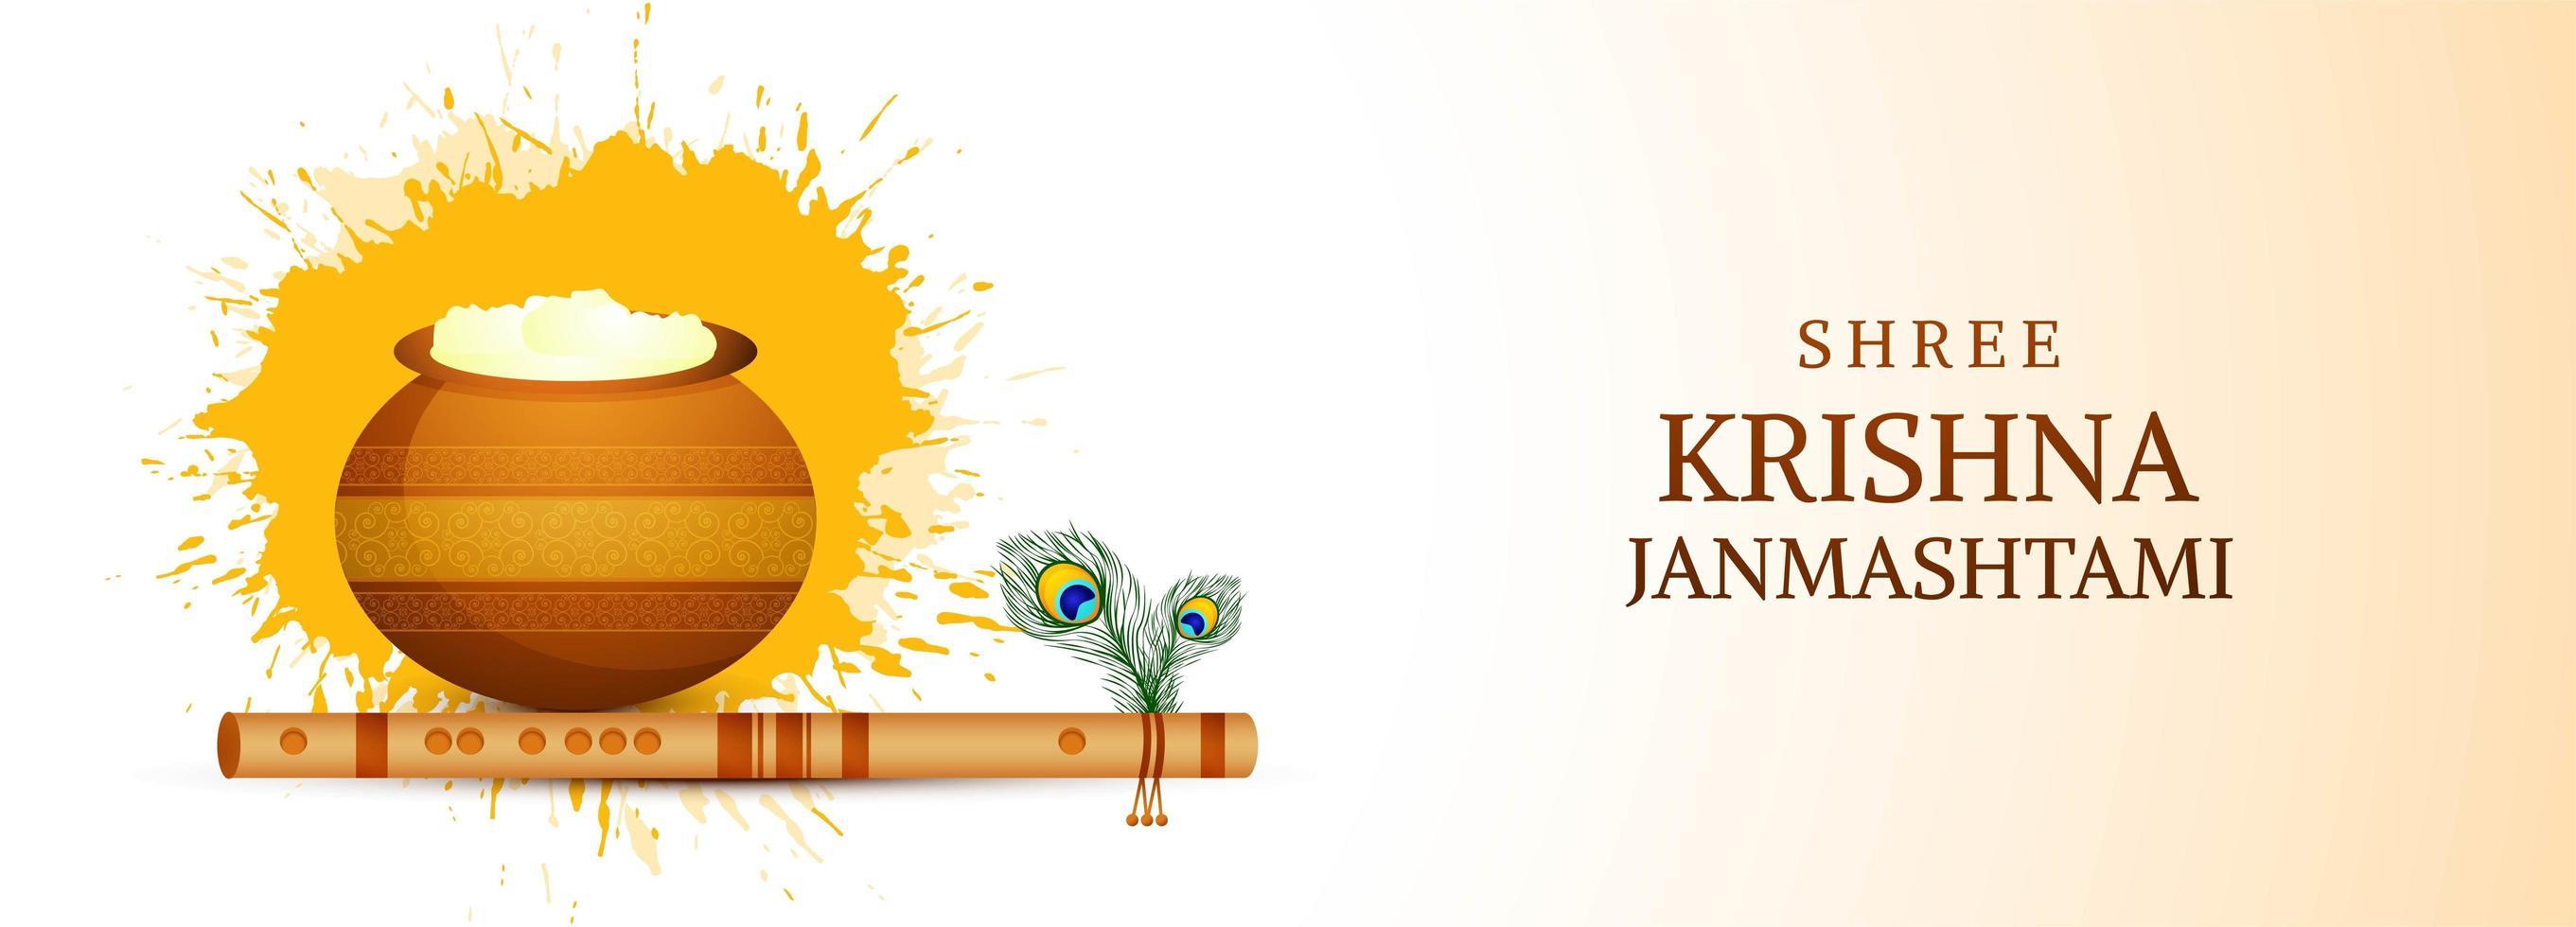 glad krishna janmashtami kort banner på färgstänk vektor